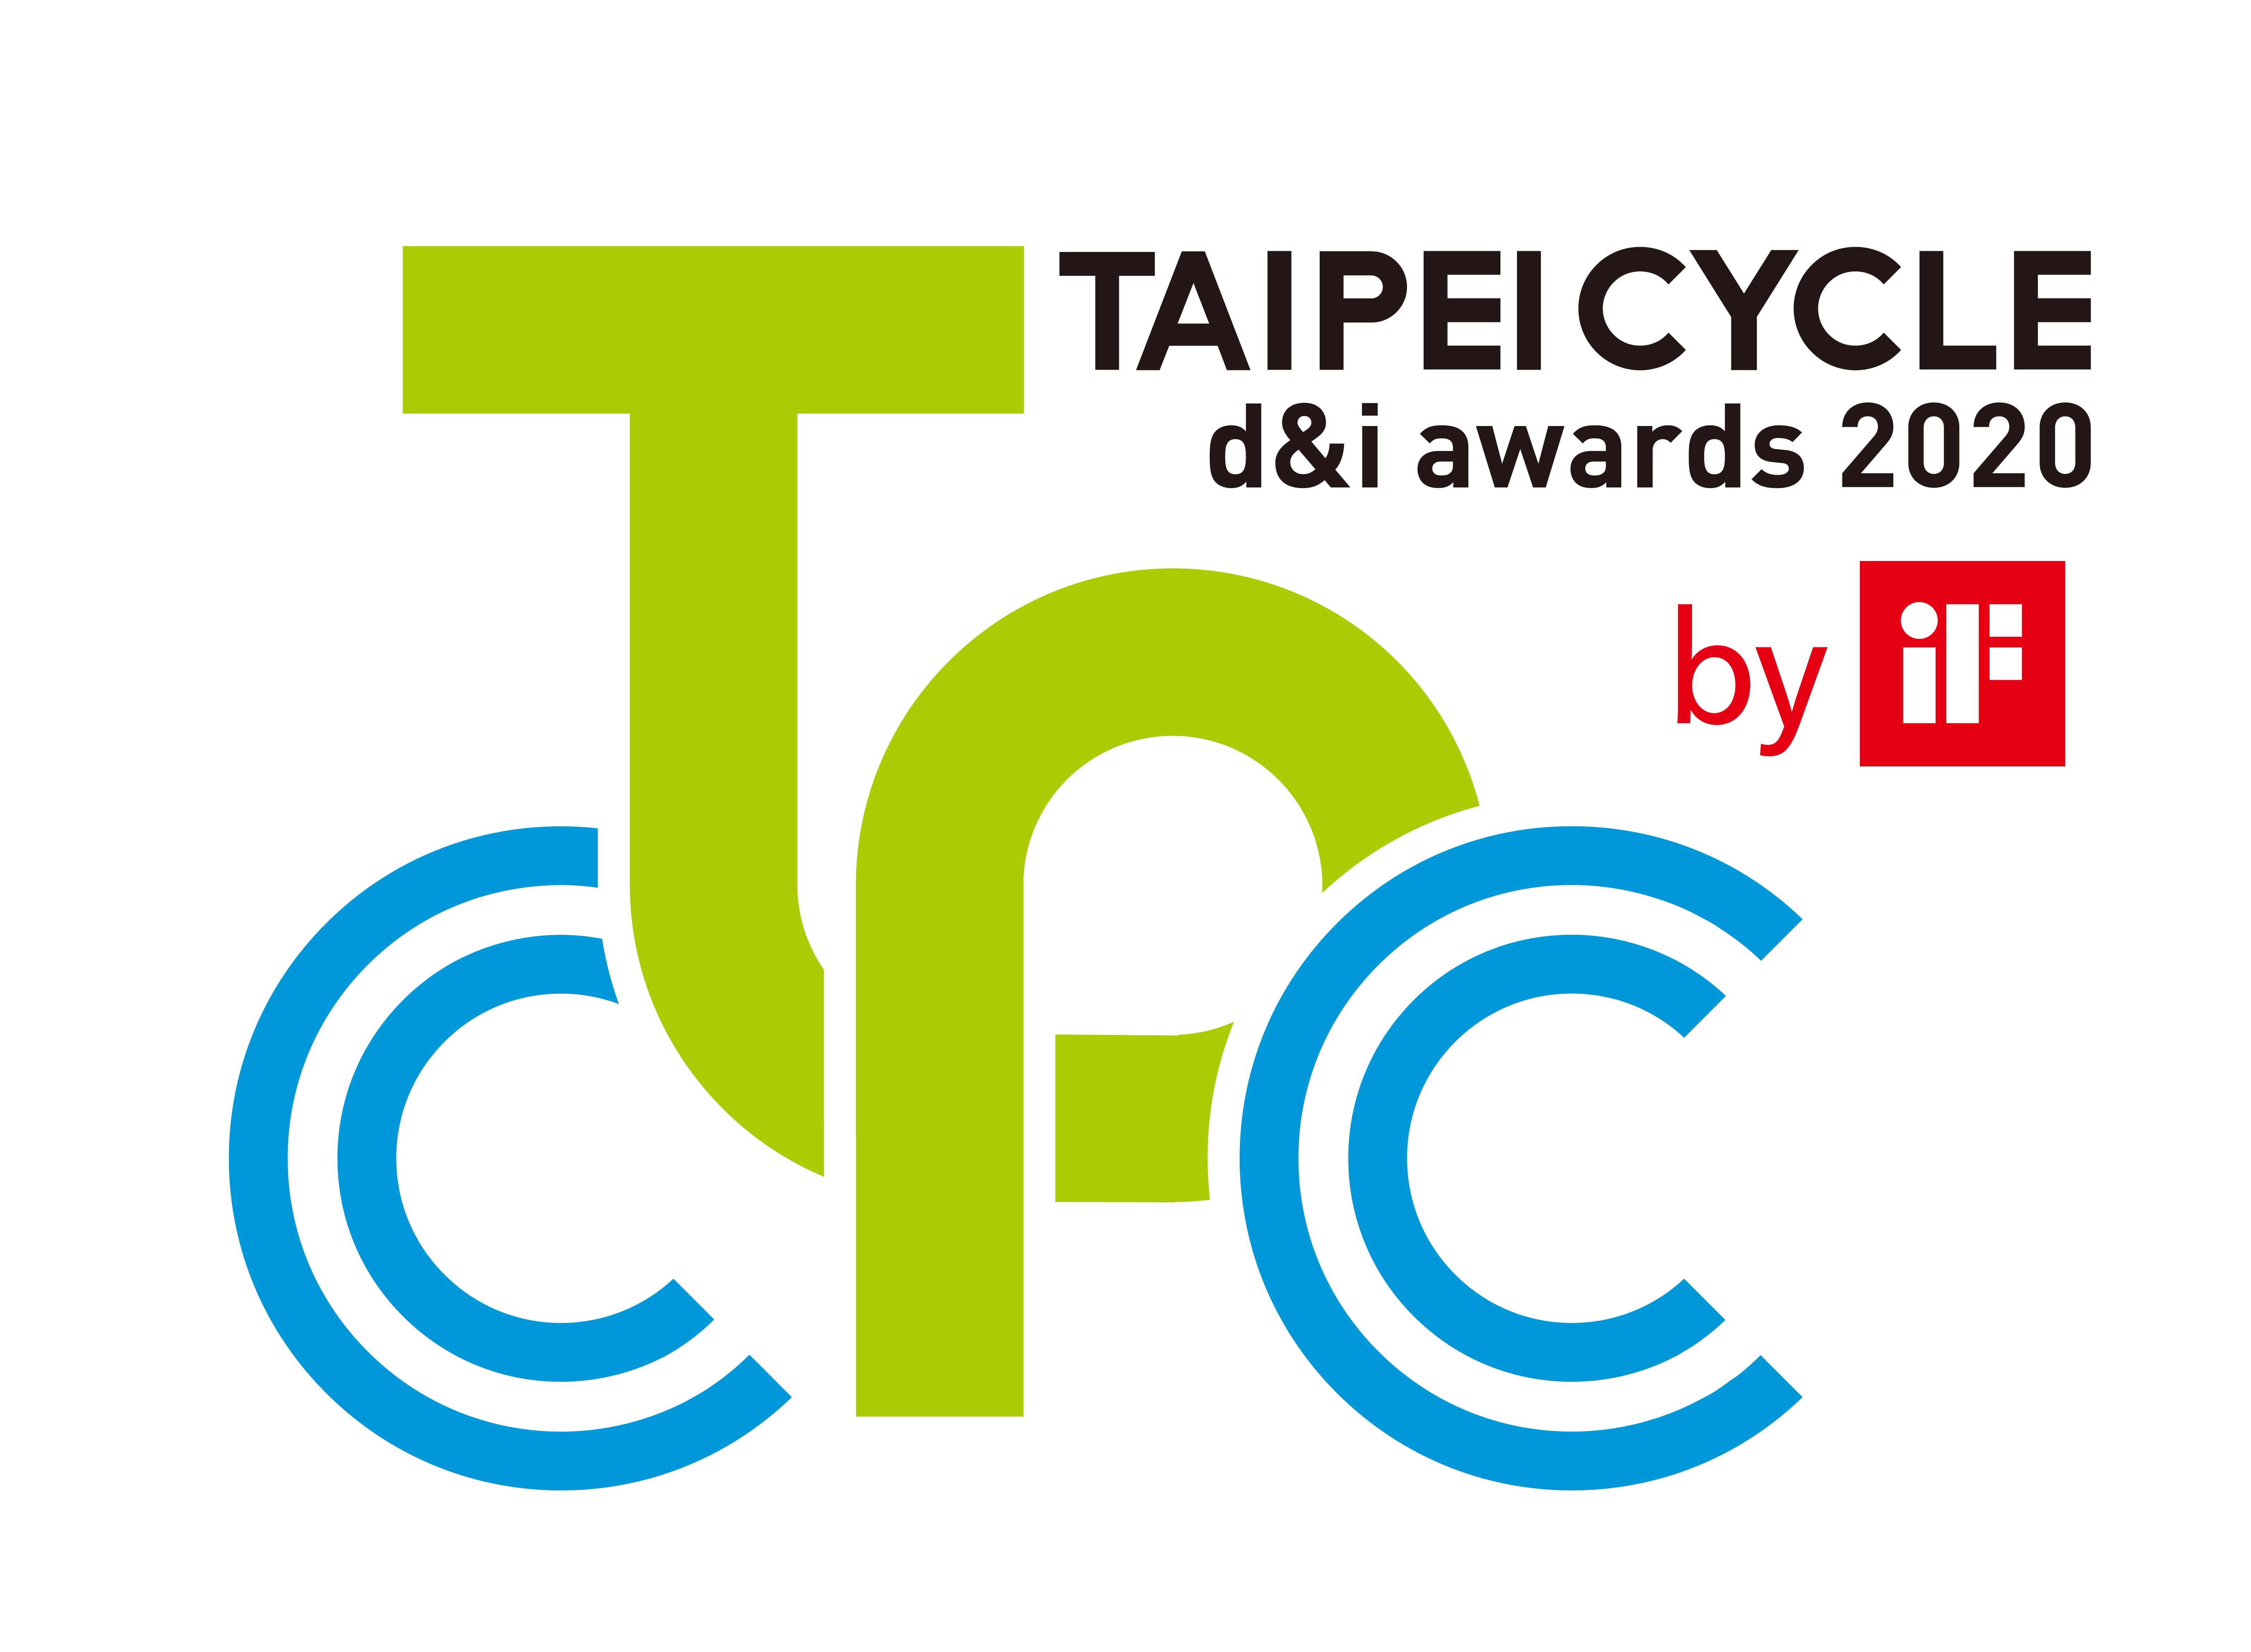 TAIPEI CYCLE d&i awards 2020